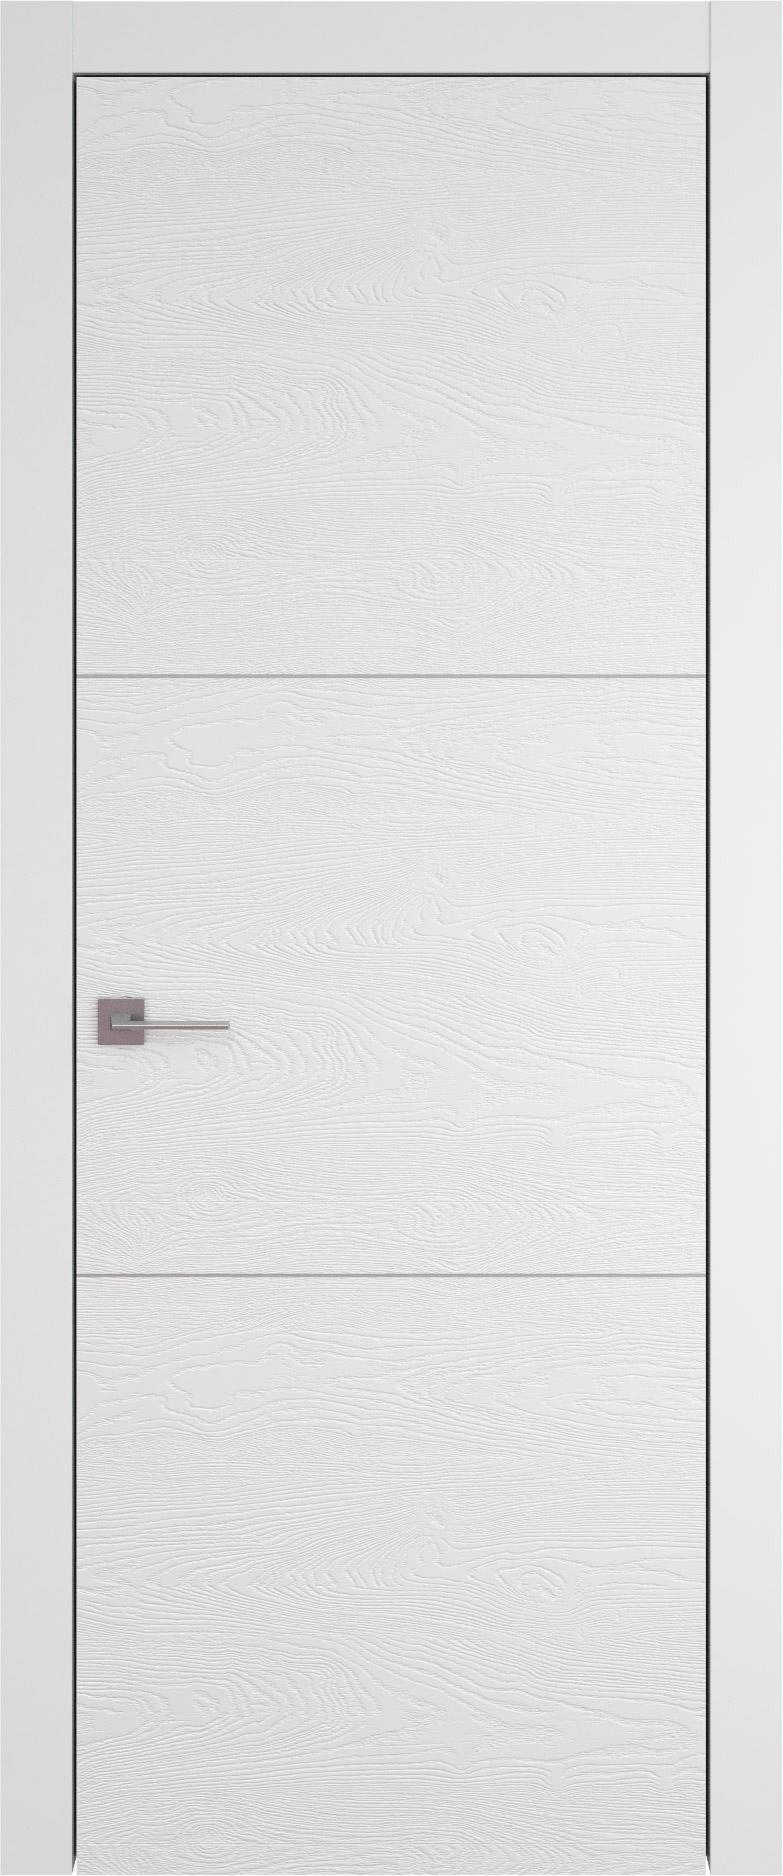 Tivoli В-2 цвет - Белая эмаль по шпону (RAL 9003) Без стекла (ДГ)